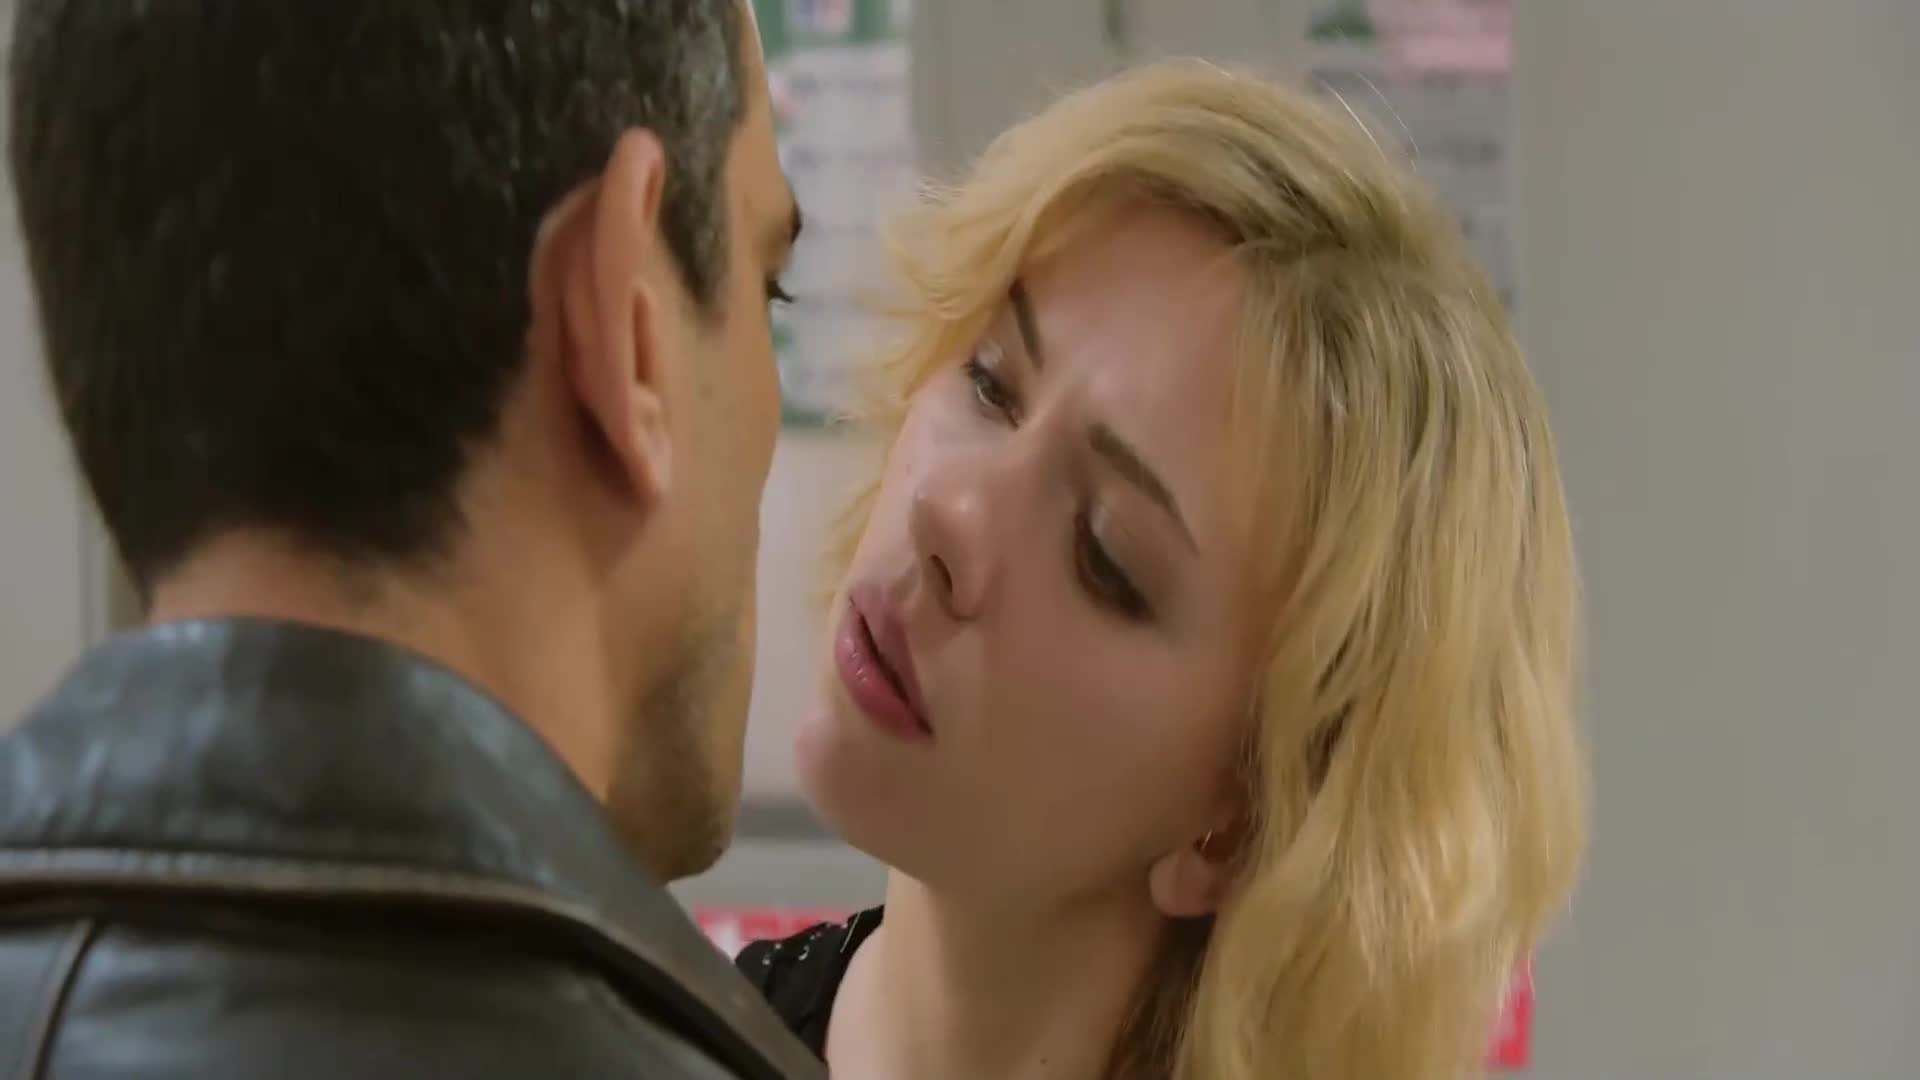 #超体#臭小子竟夺走了女神斯嘉丽的荧幕初吻,3千万光棍表示你别走